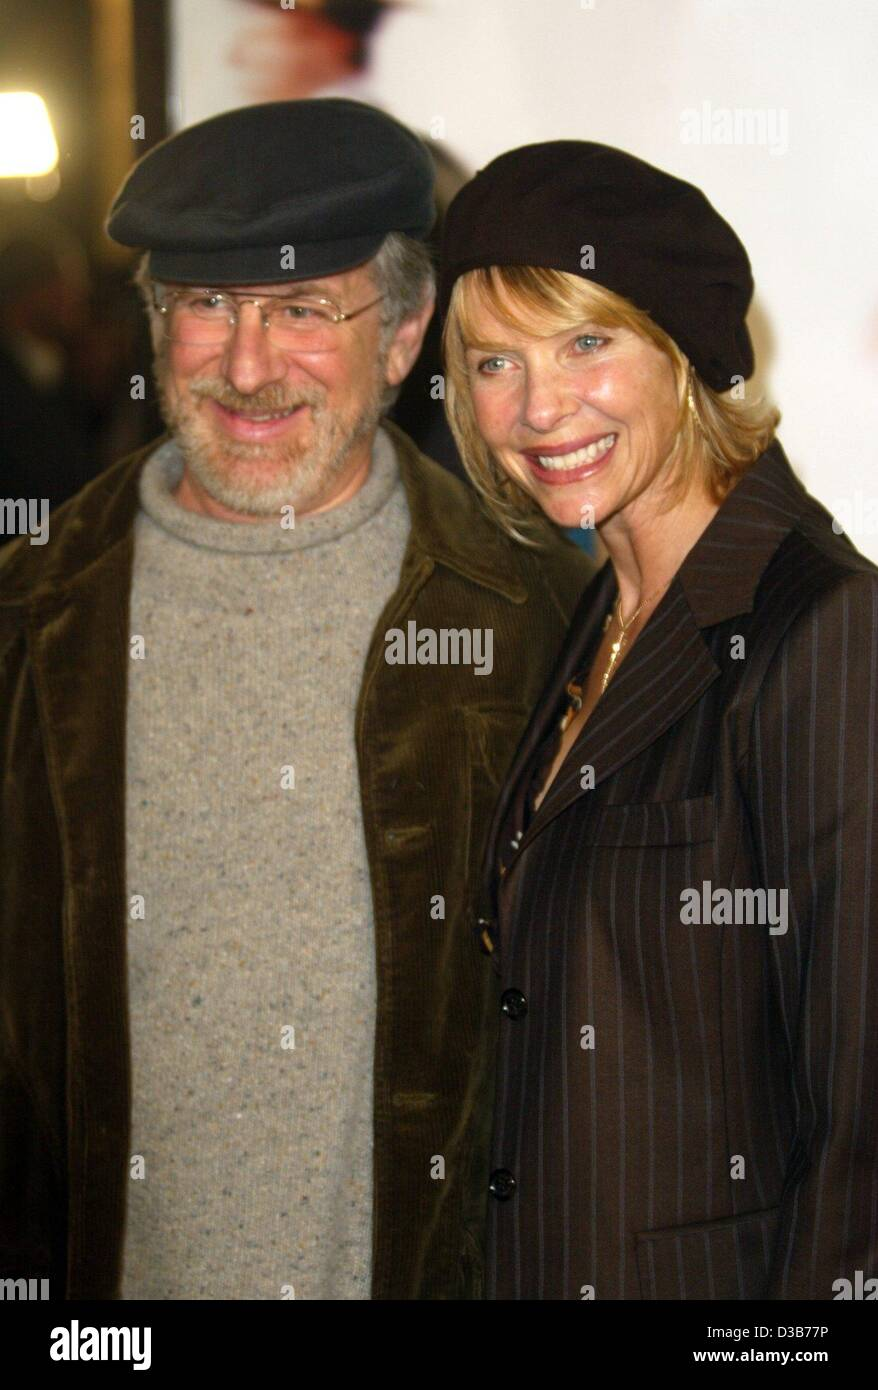 large sélection en ligne ici site officiel Afp) - le réalisateur américain Steven Spielberg et sa femme ...